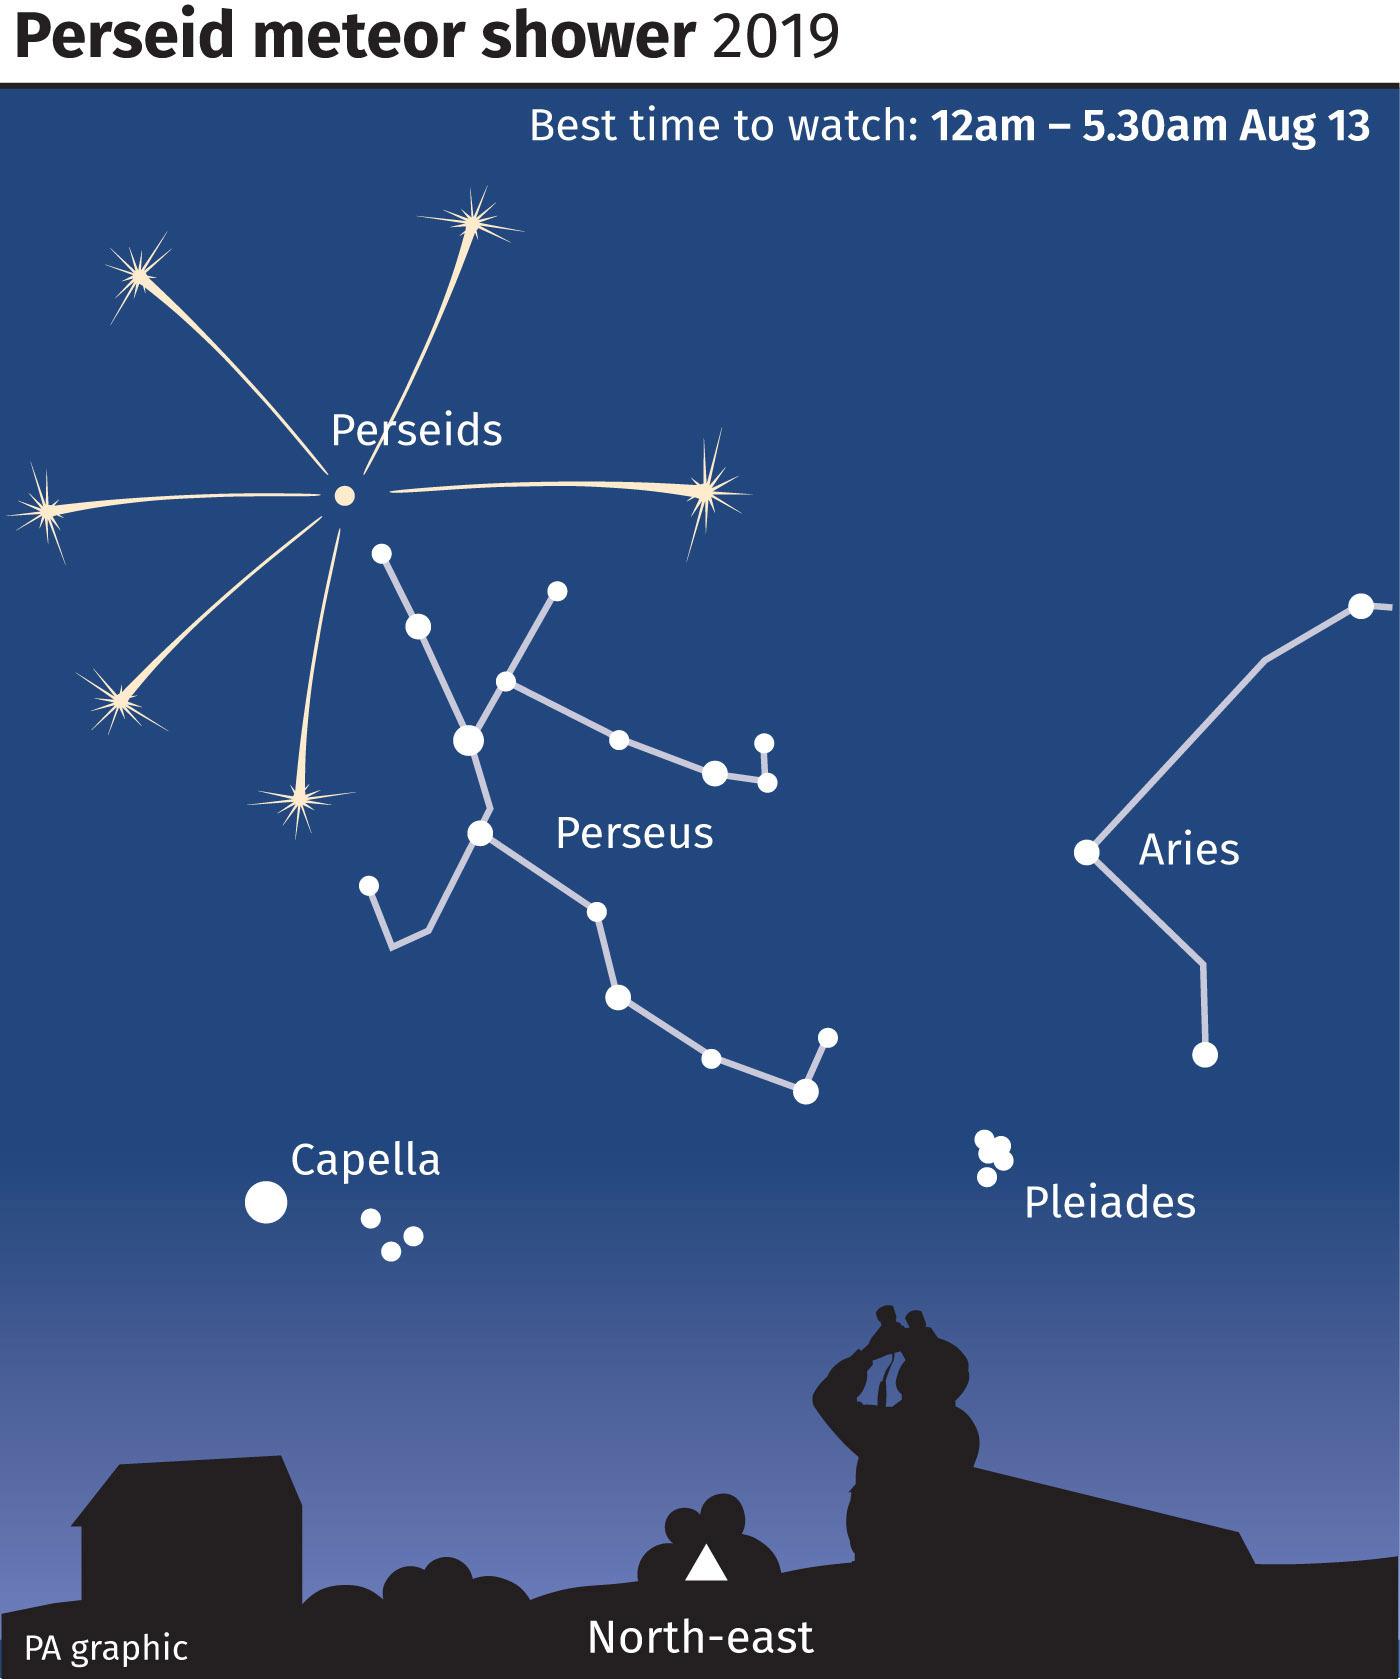 Perseid meteor shower to peak this week